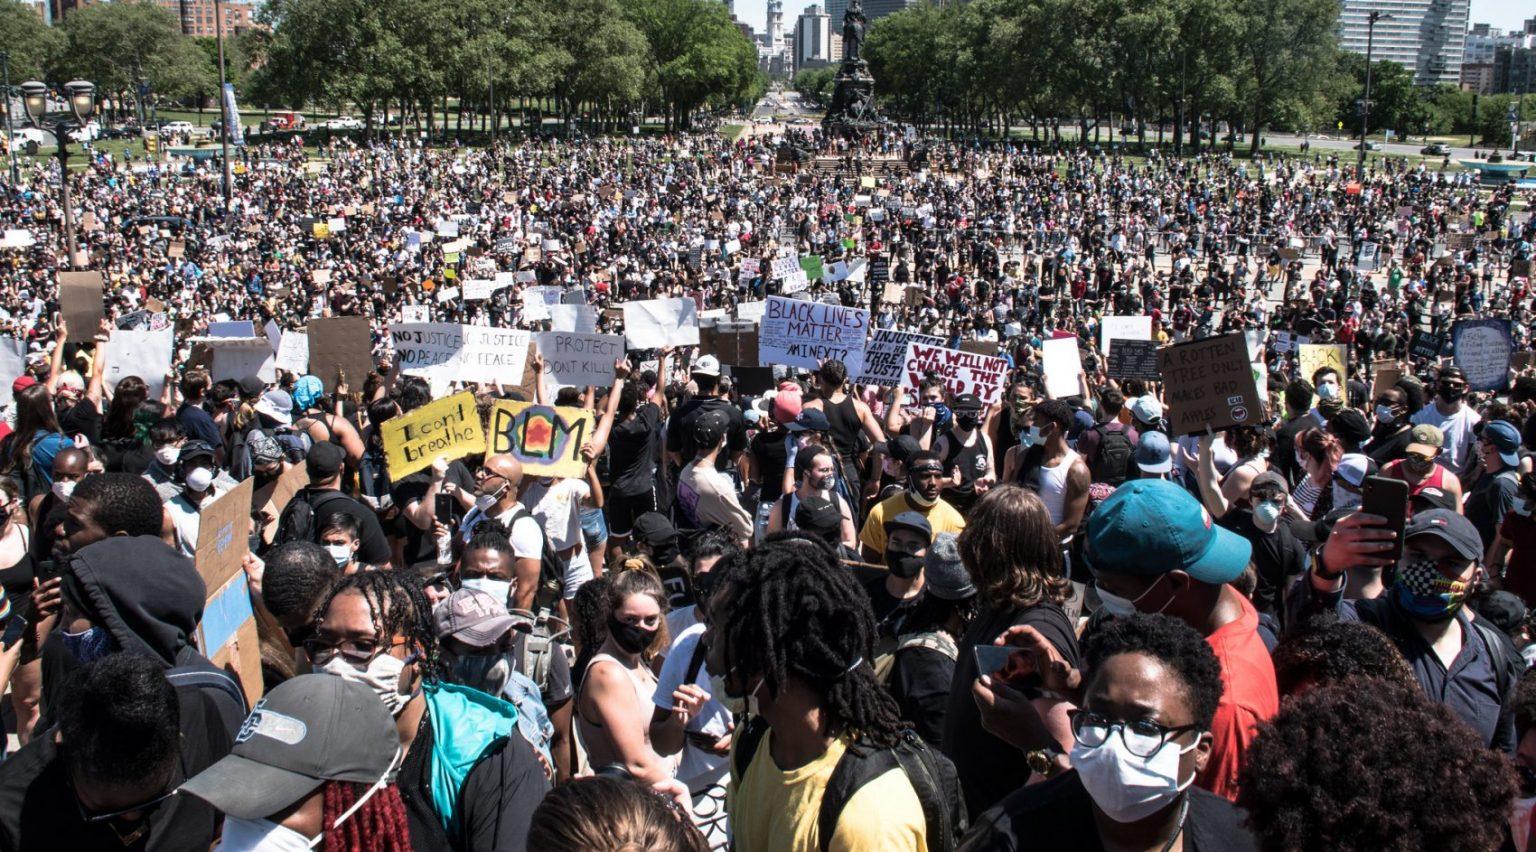 Black Lives Matter Protest George Floyd Image Joe Piette Flickr